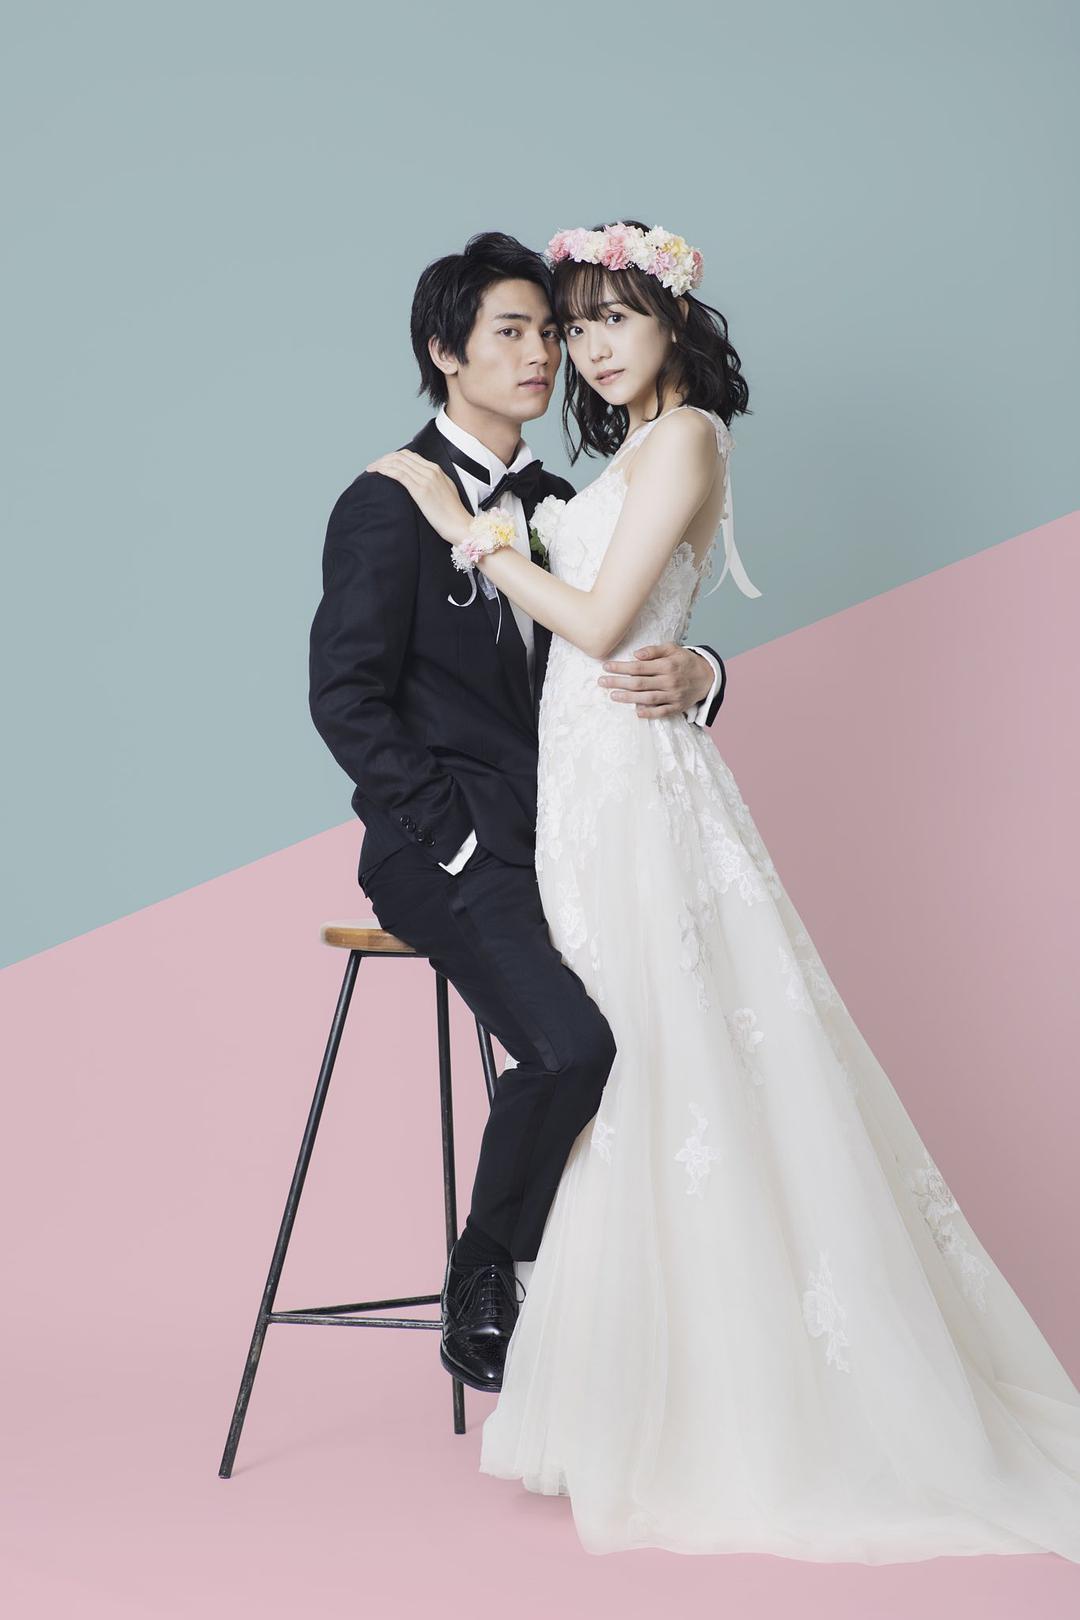 新婚甜心是同事全集 2020日剧 HD720P 高清下载